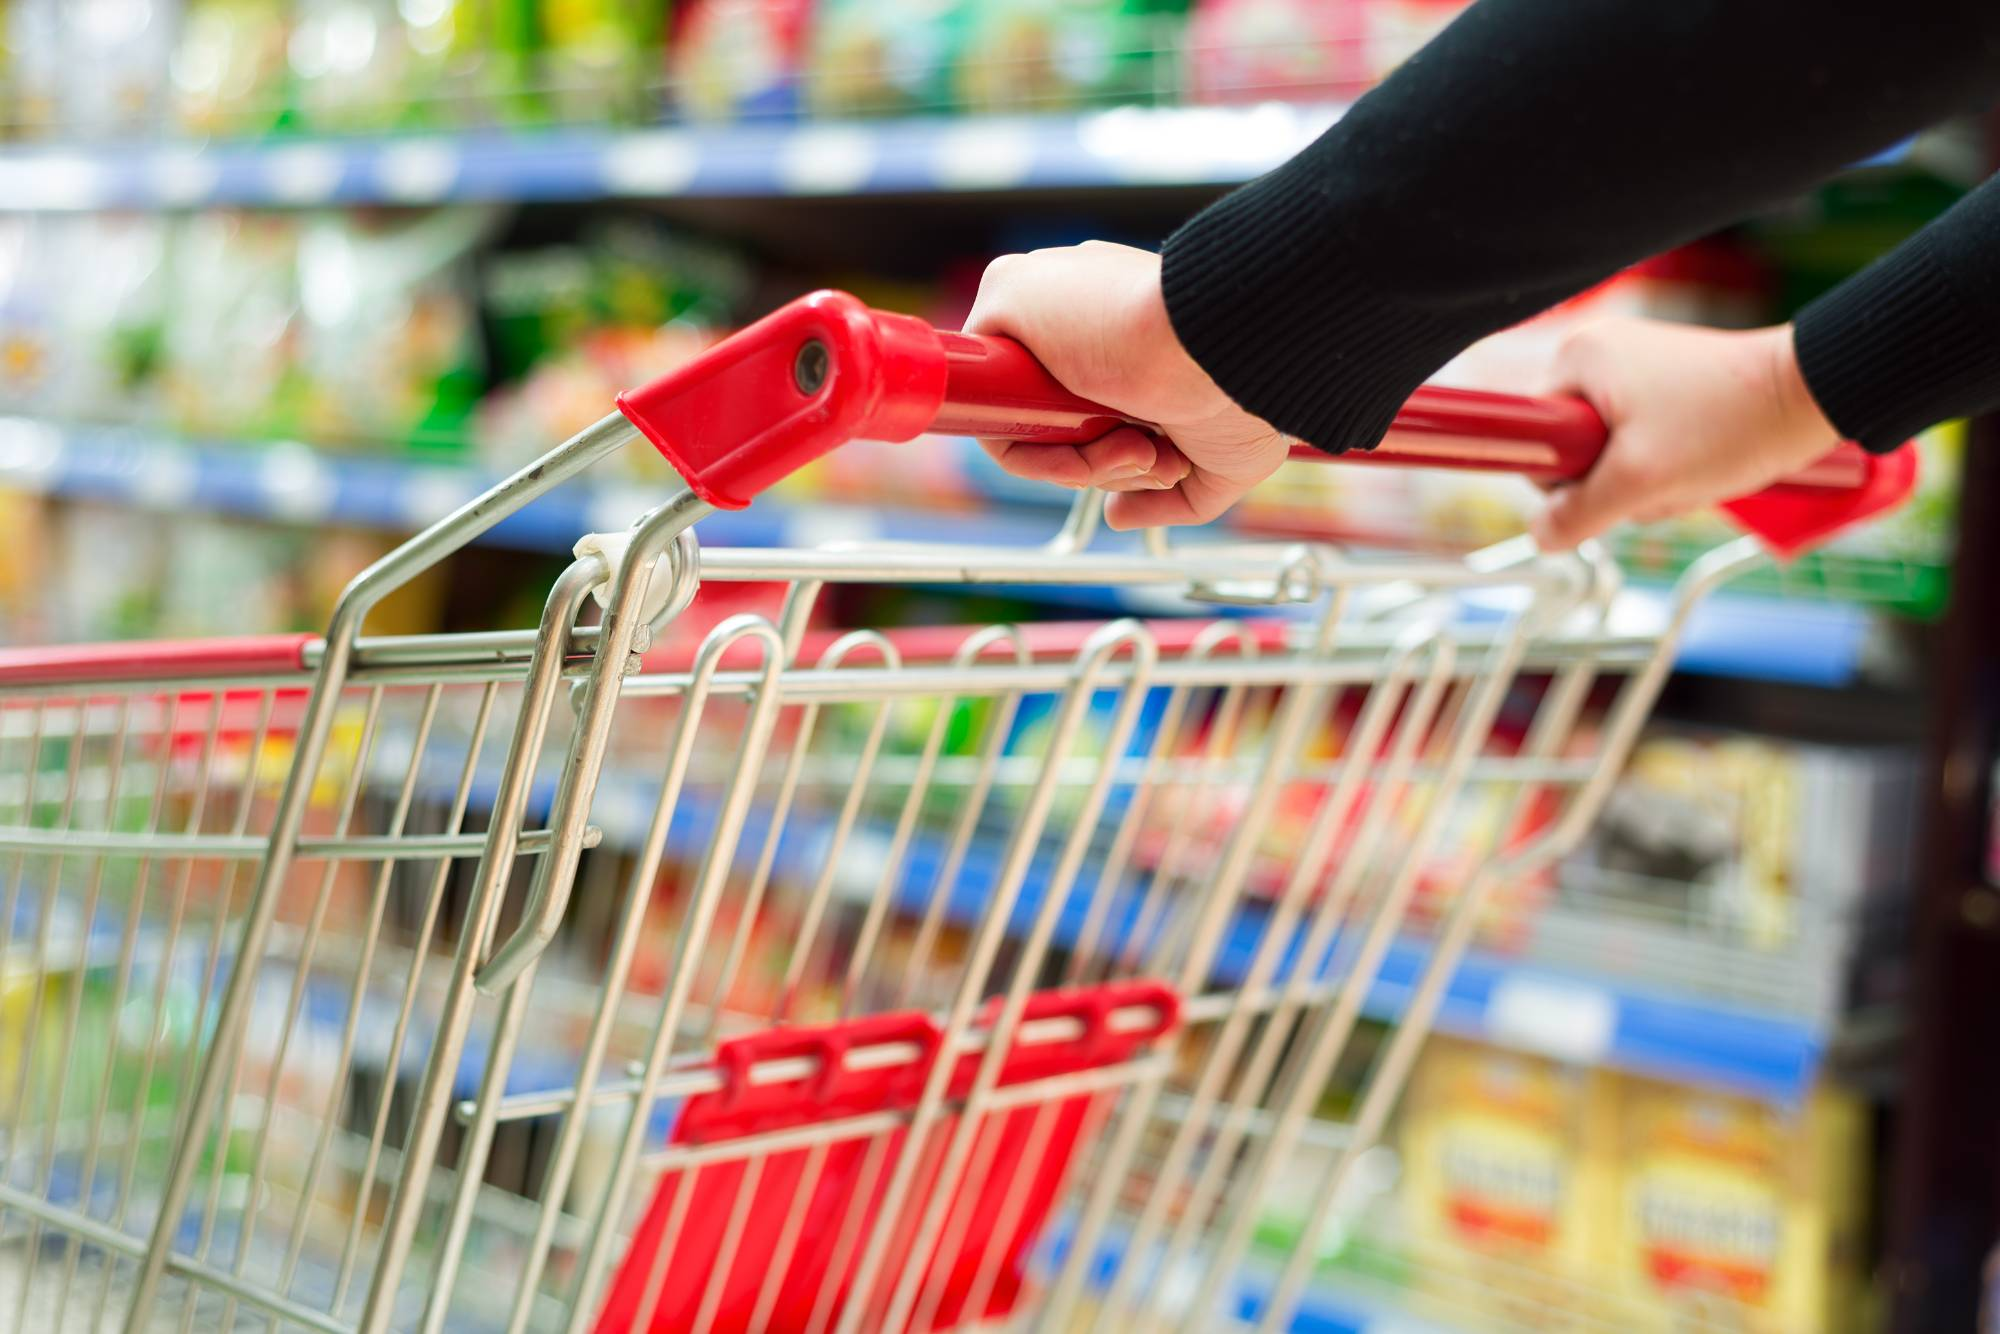 Потребительские корзины в феврале: как изменилась стоимость продуктов в 'Пятёрочке', 'Ашане' и 'Перекрёстке'